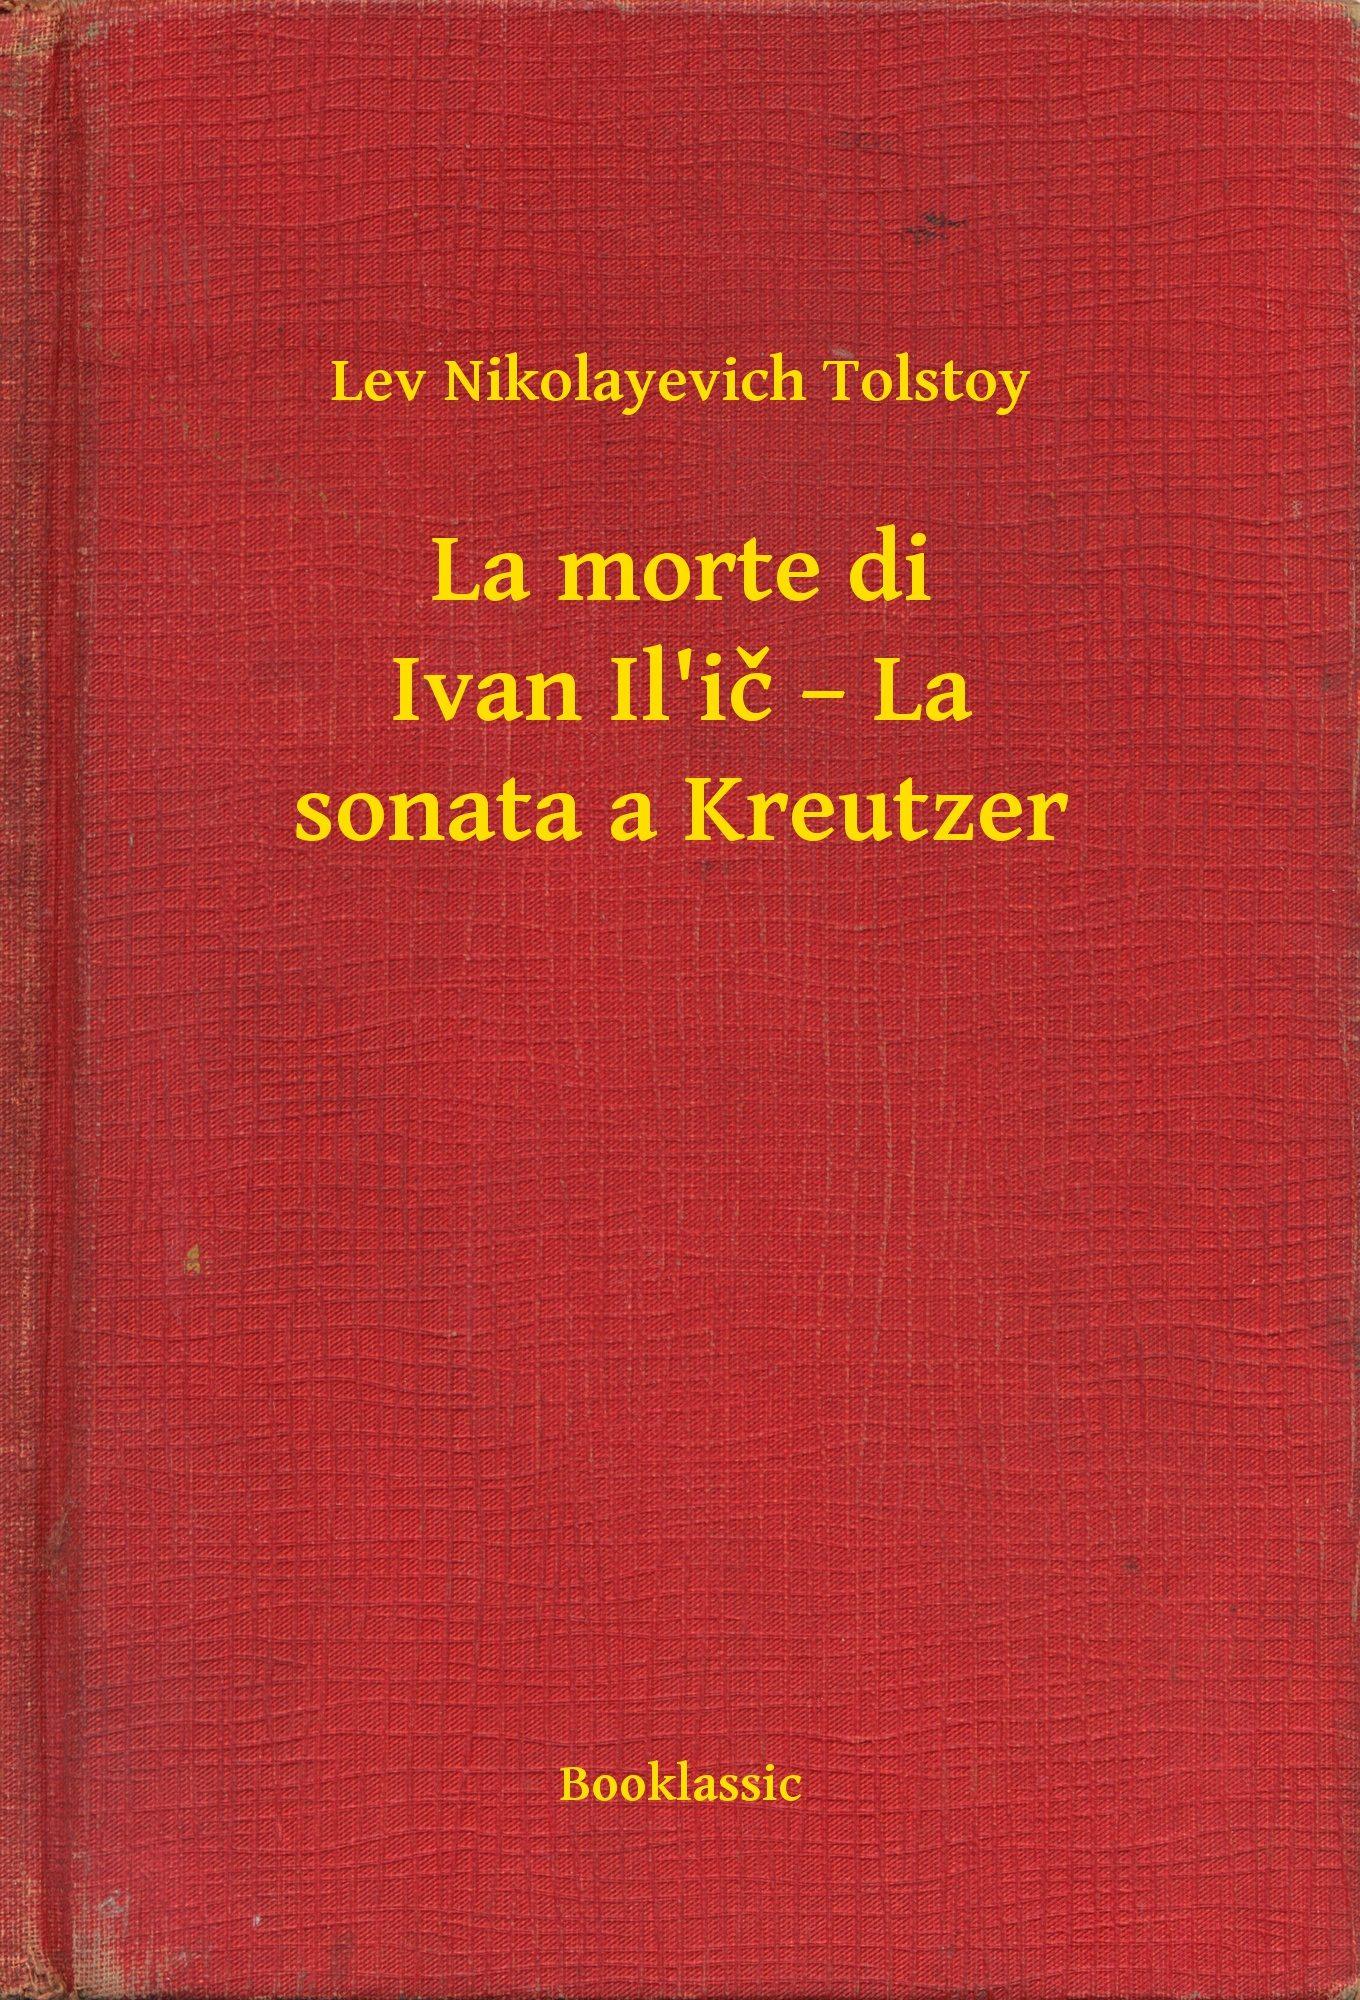 Pdf a sonata a kreutzer